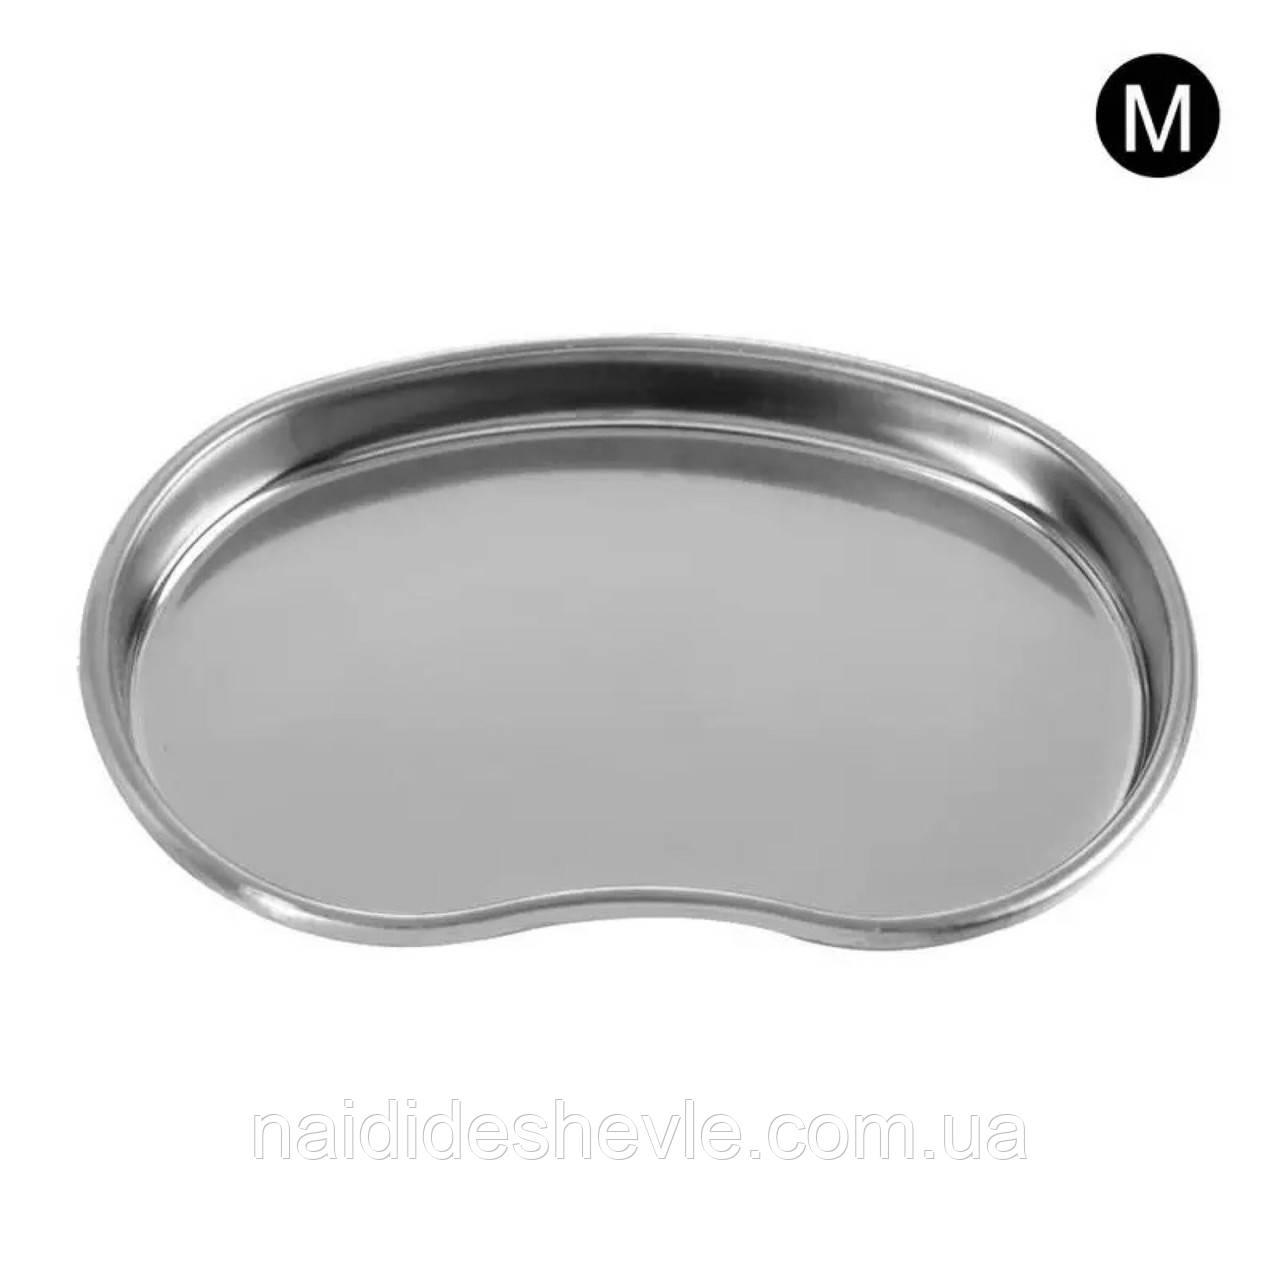 Лоток для інструментів металевий - M